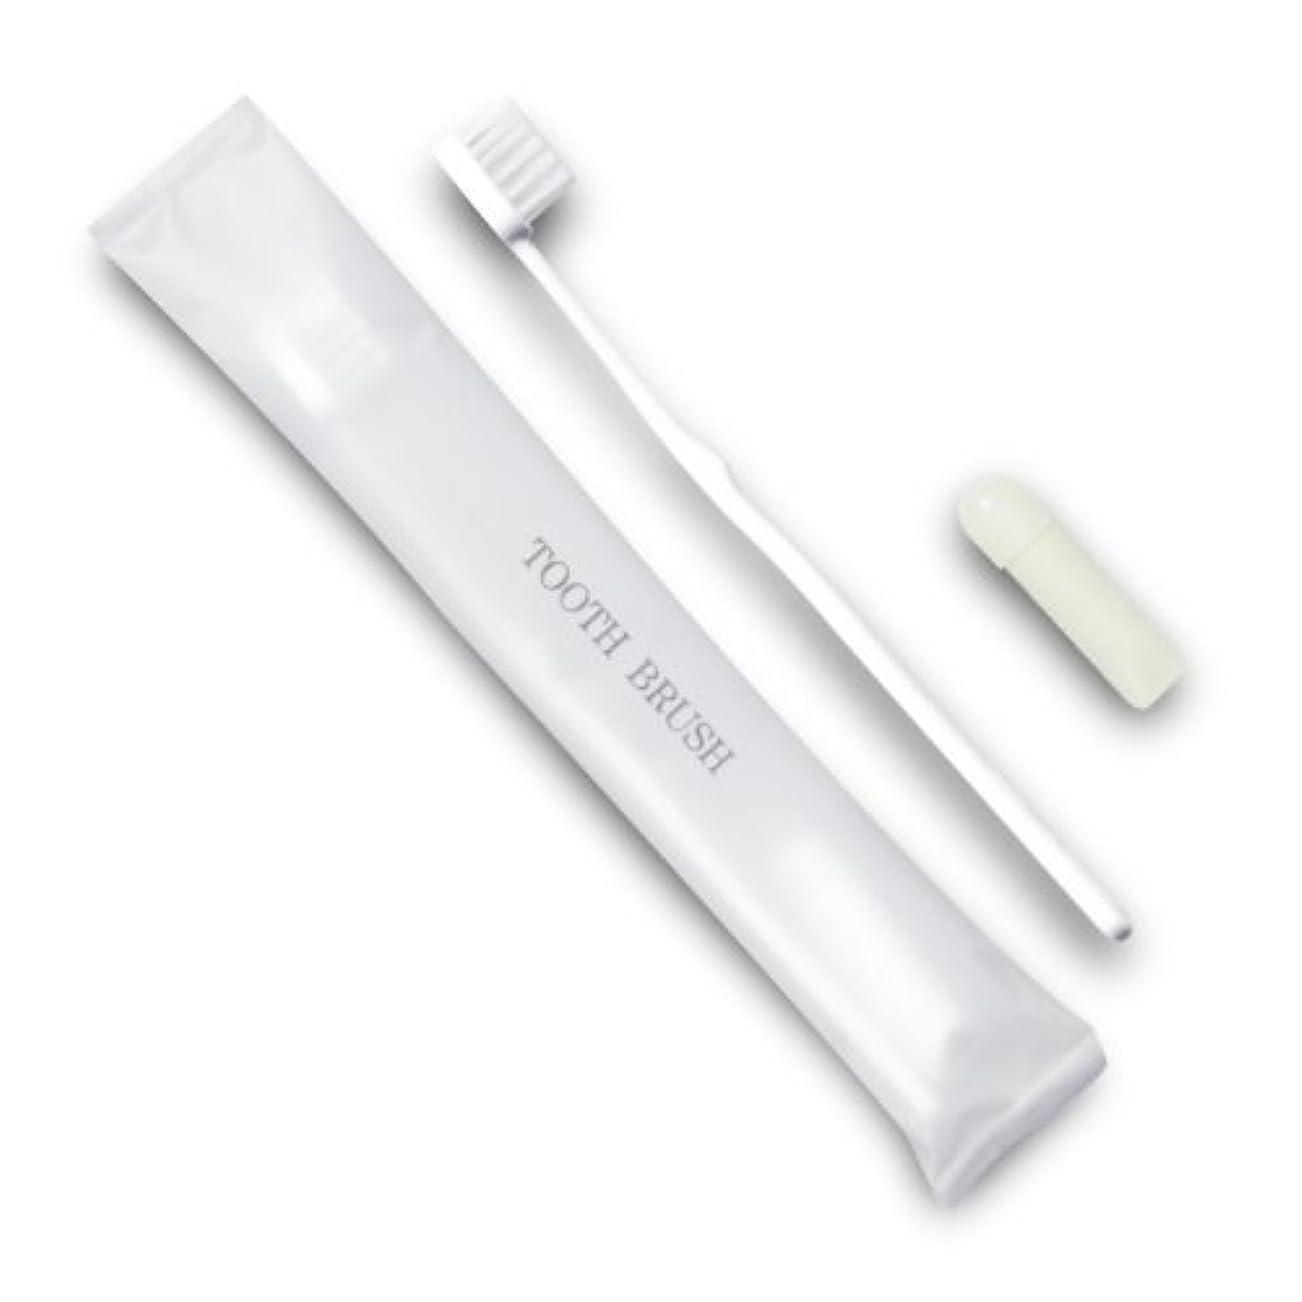 アクセサリーカヌー長々とホテル業務用歯ブラシ21穴(白)3gチューブ マット袋FタイプDX 700本